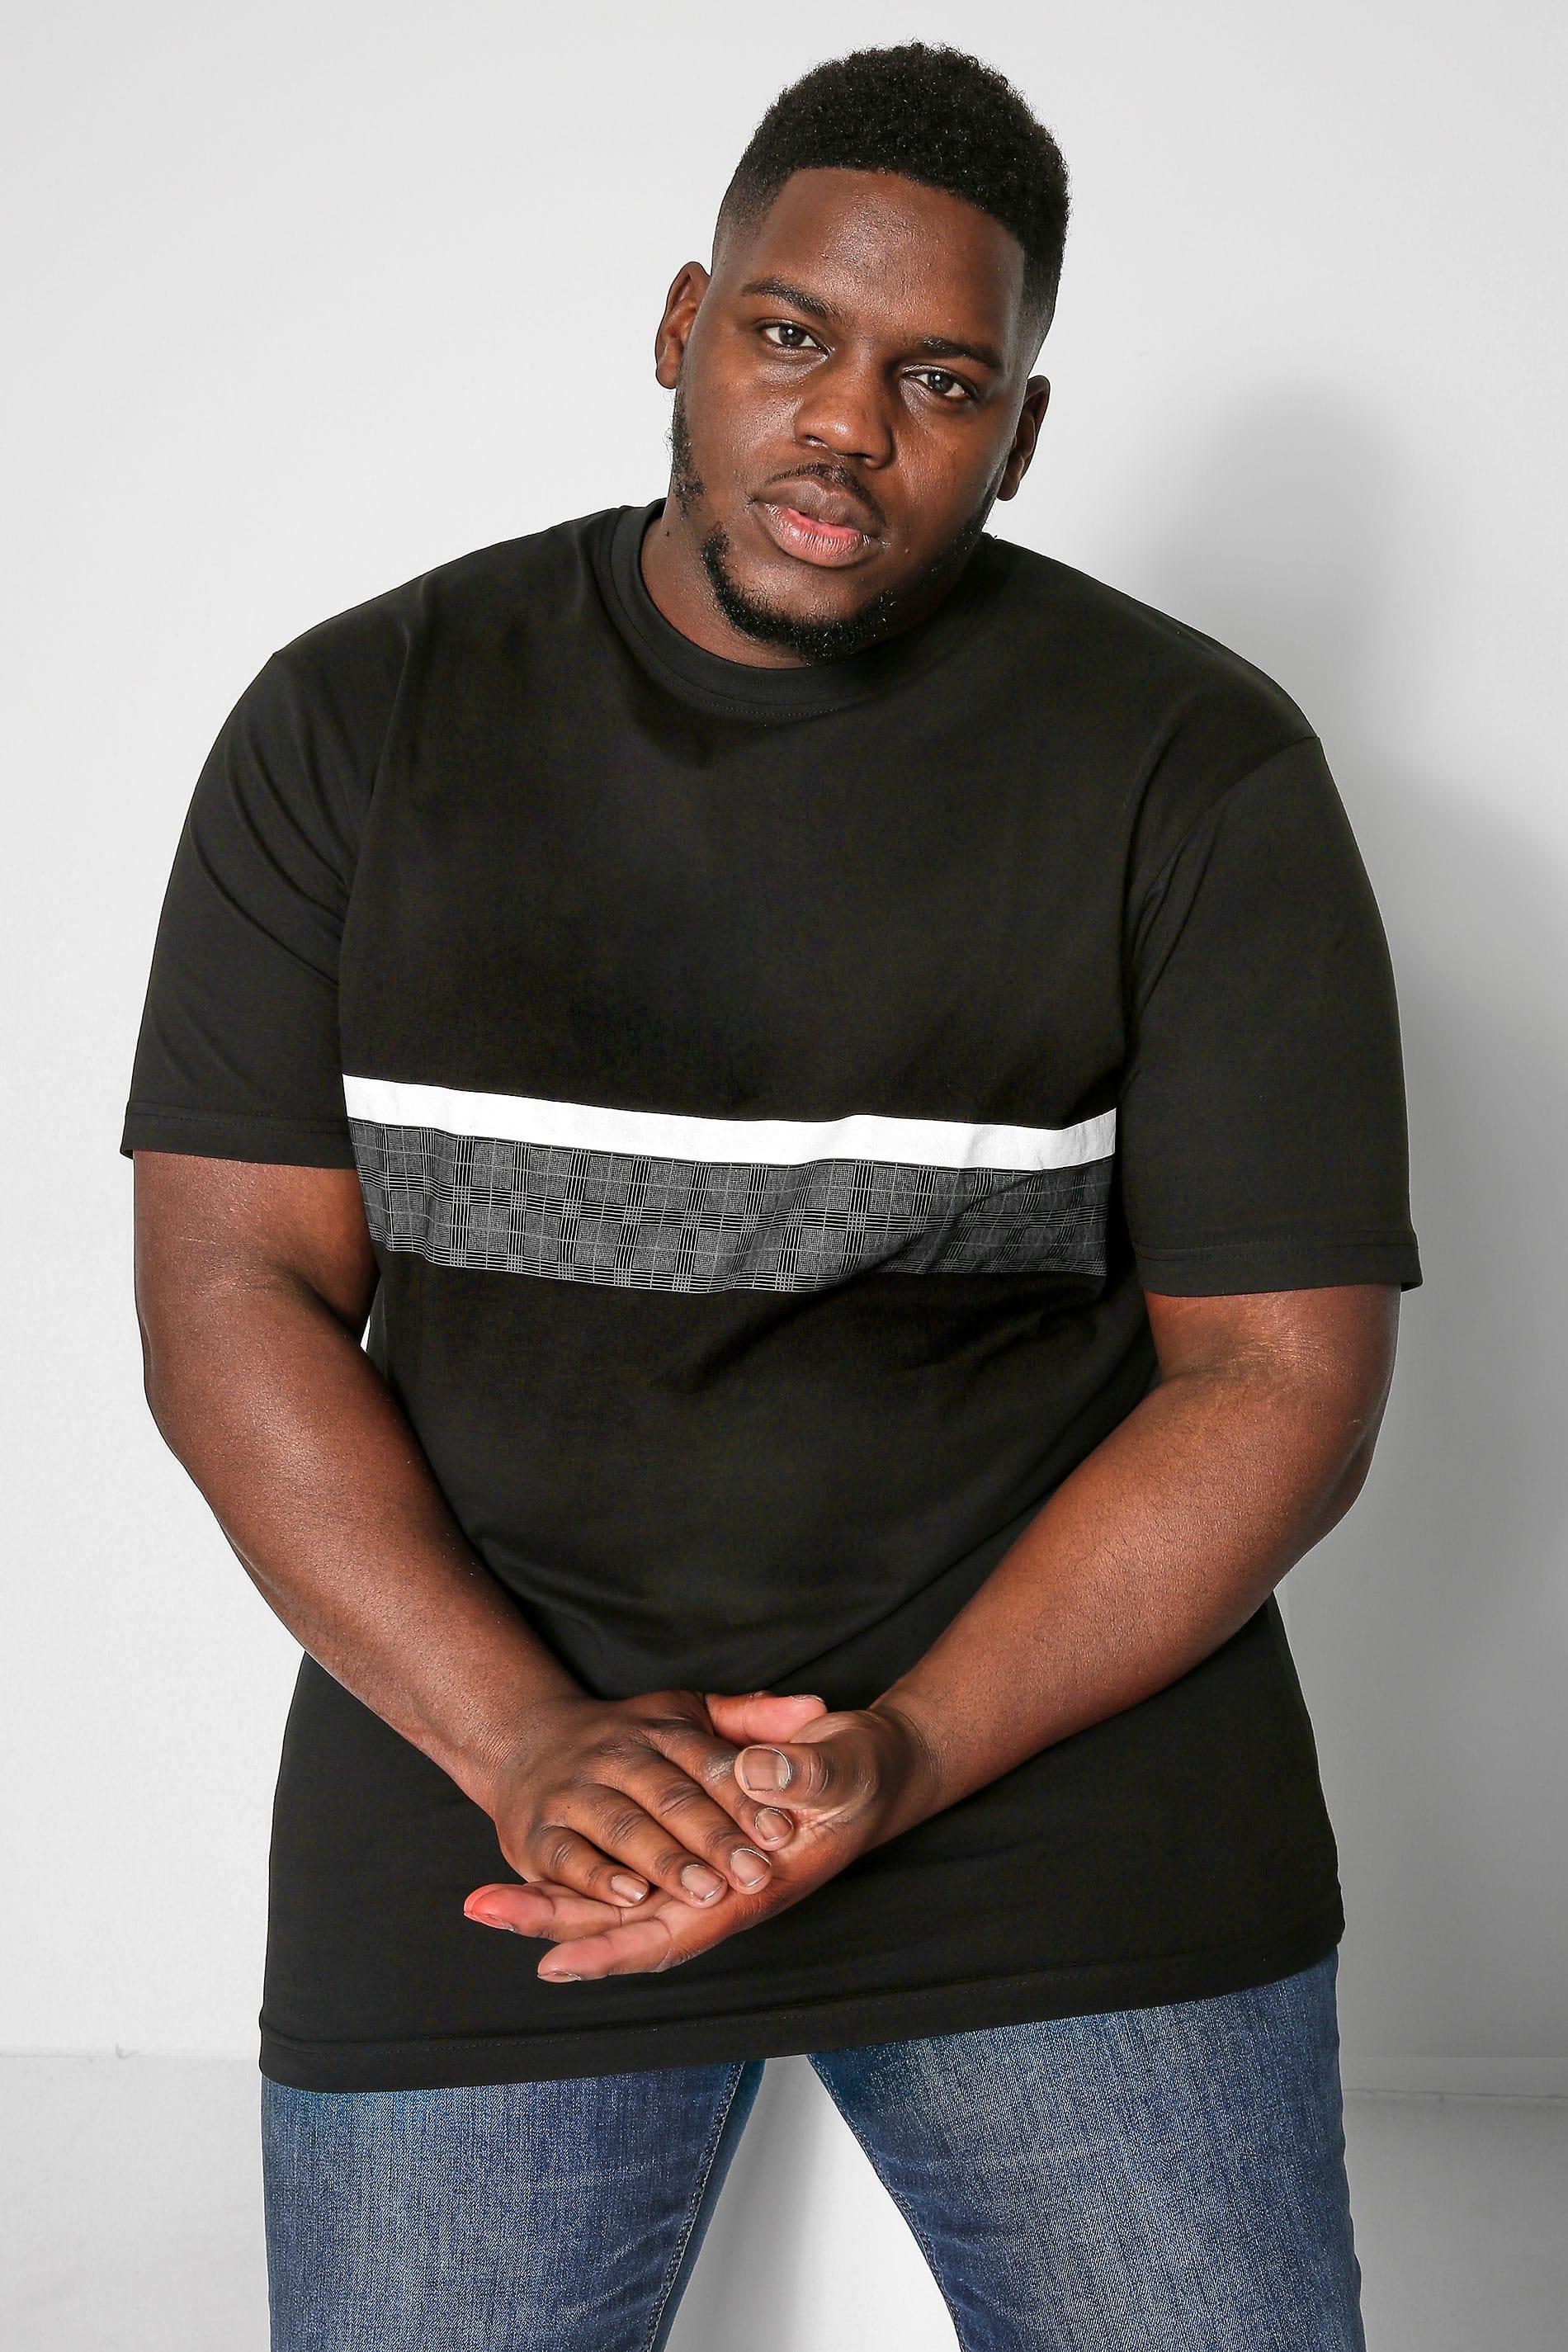 KAM Black Block Printed T-Shirt